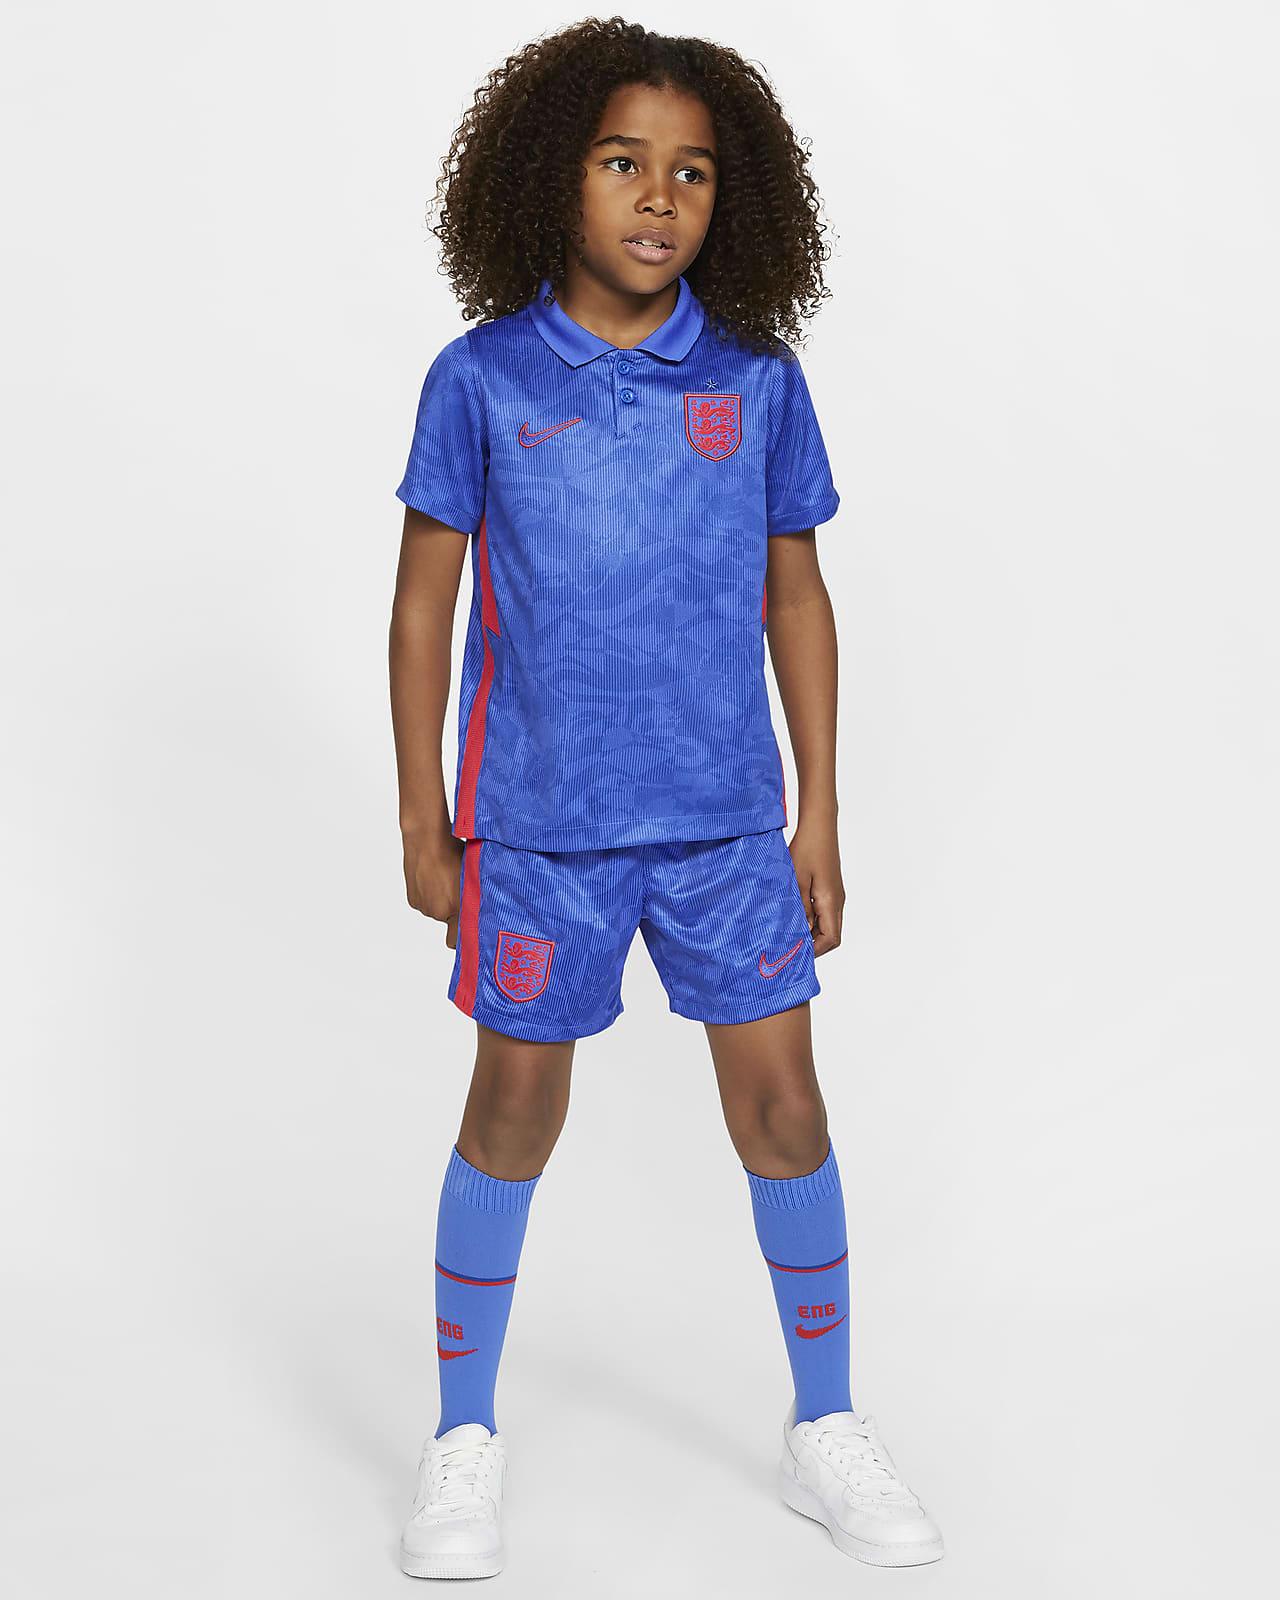 Segunda equipación Inglaterra 2020 Equipación de fútbol - Niño/a pequeño/a